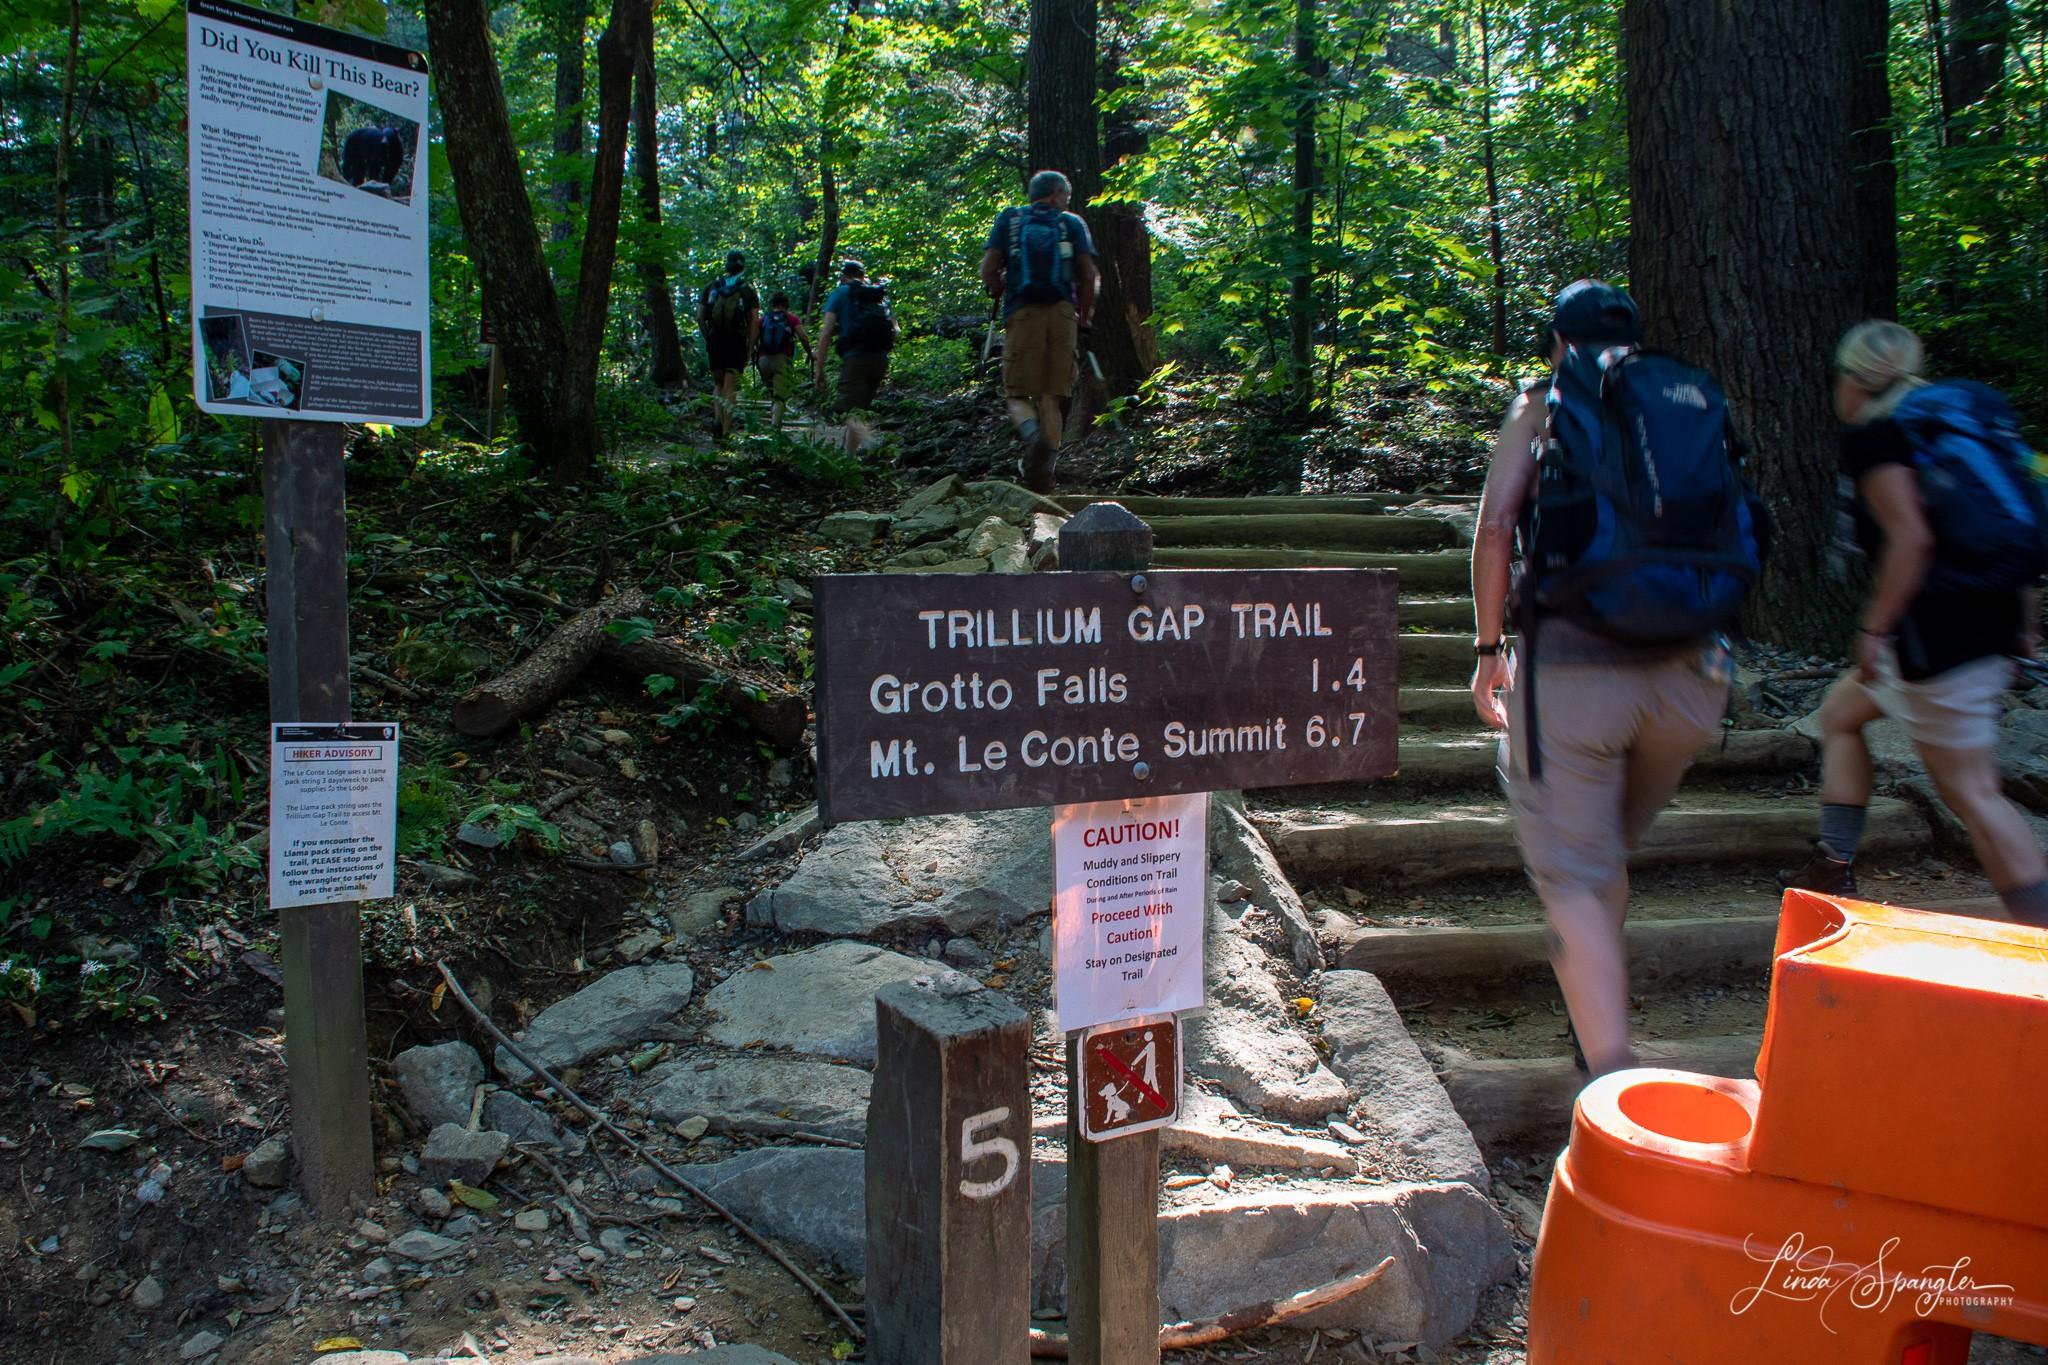 Trillium Gap Trail sign